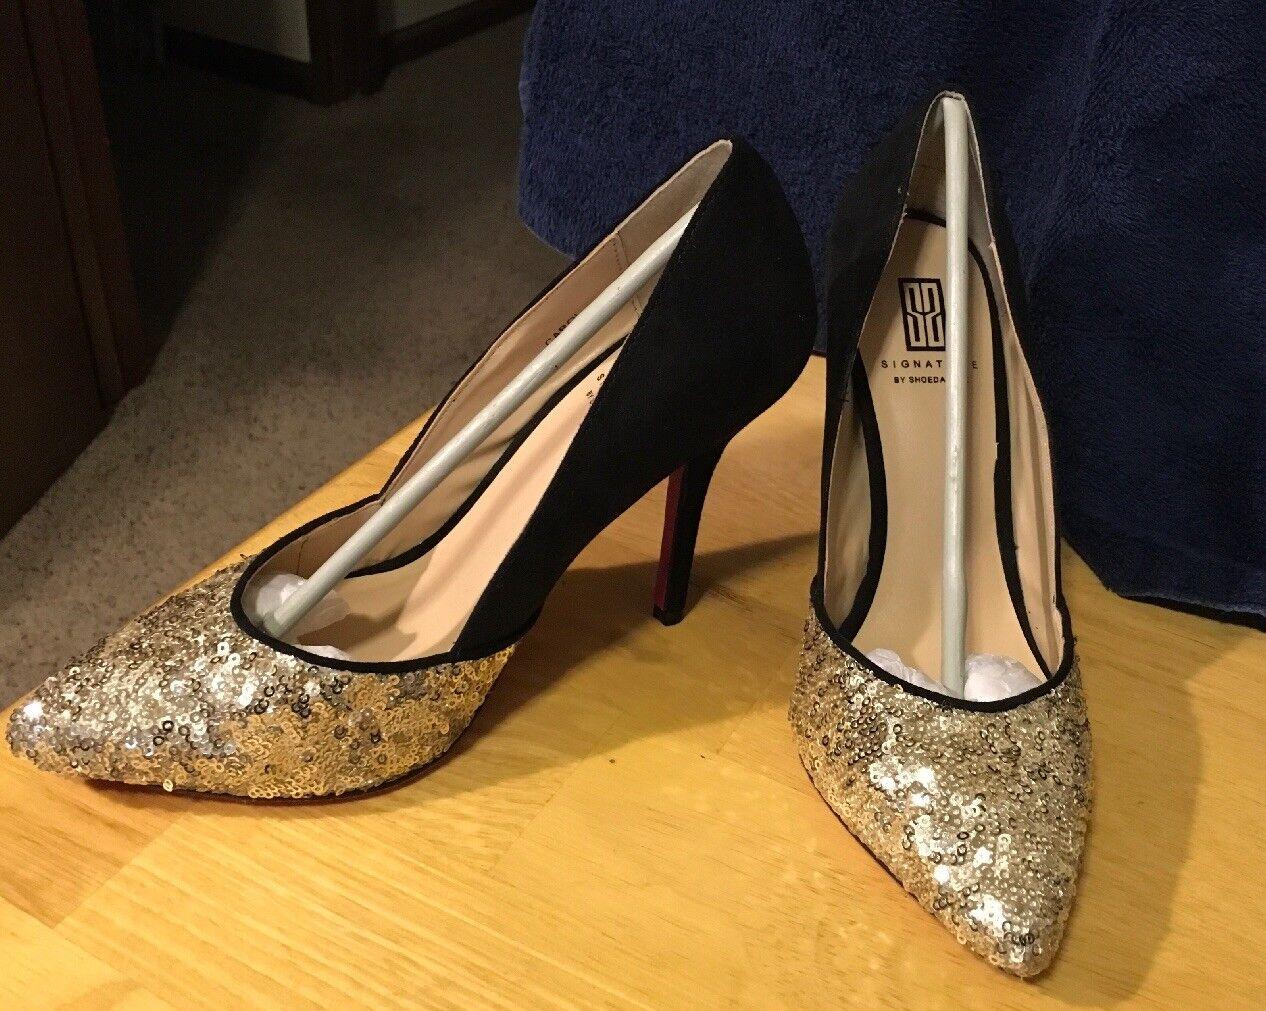 all'ingrosso a buon mercato New Shoedazzle oro Sequin nero Suede High Heel Heel Heel Pumps Sz 6  più economico